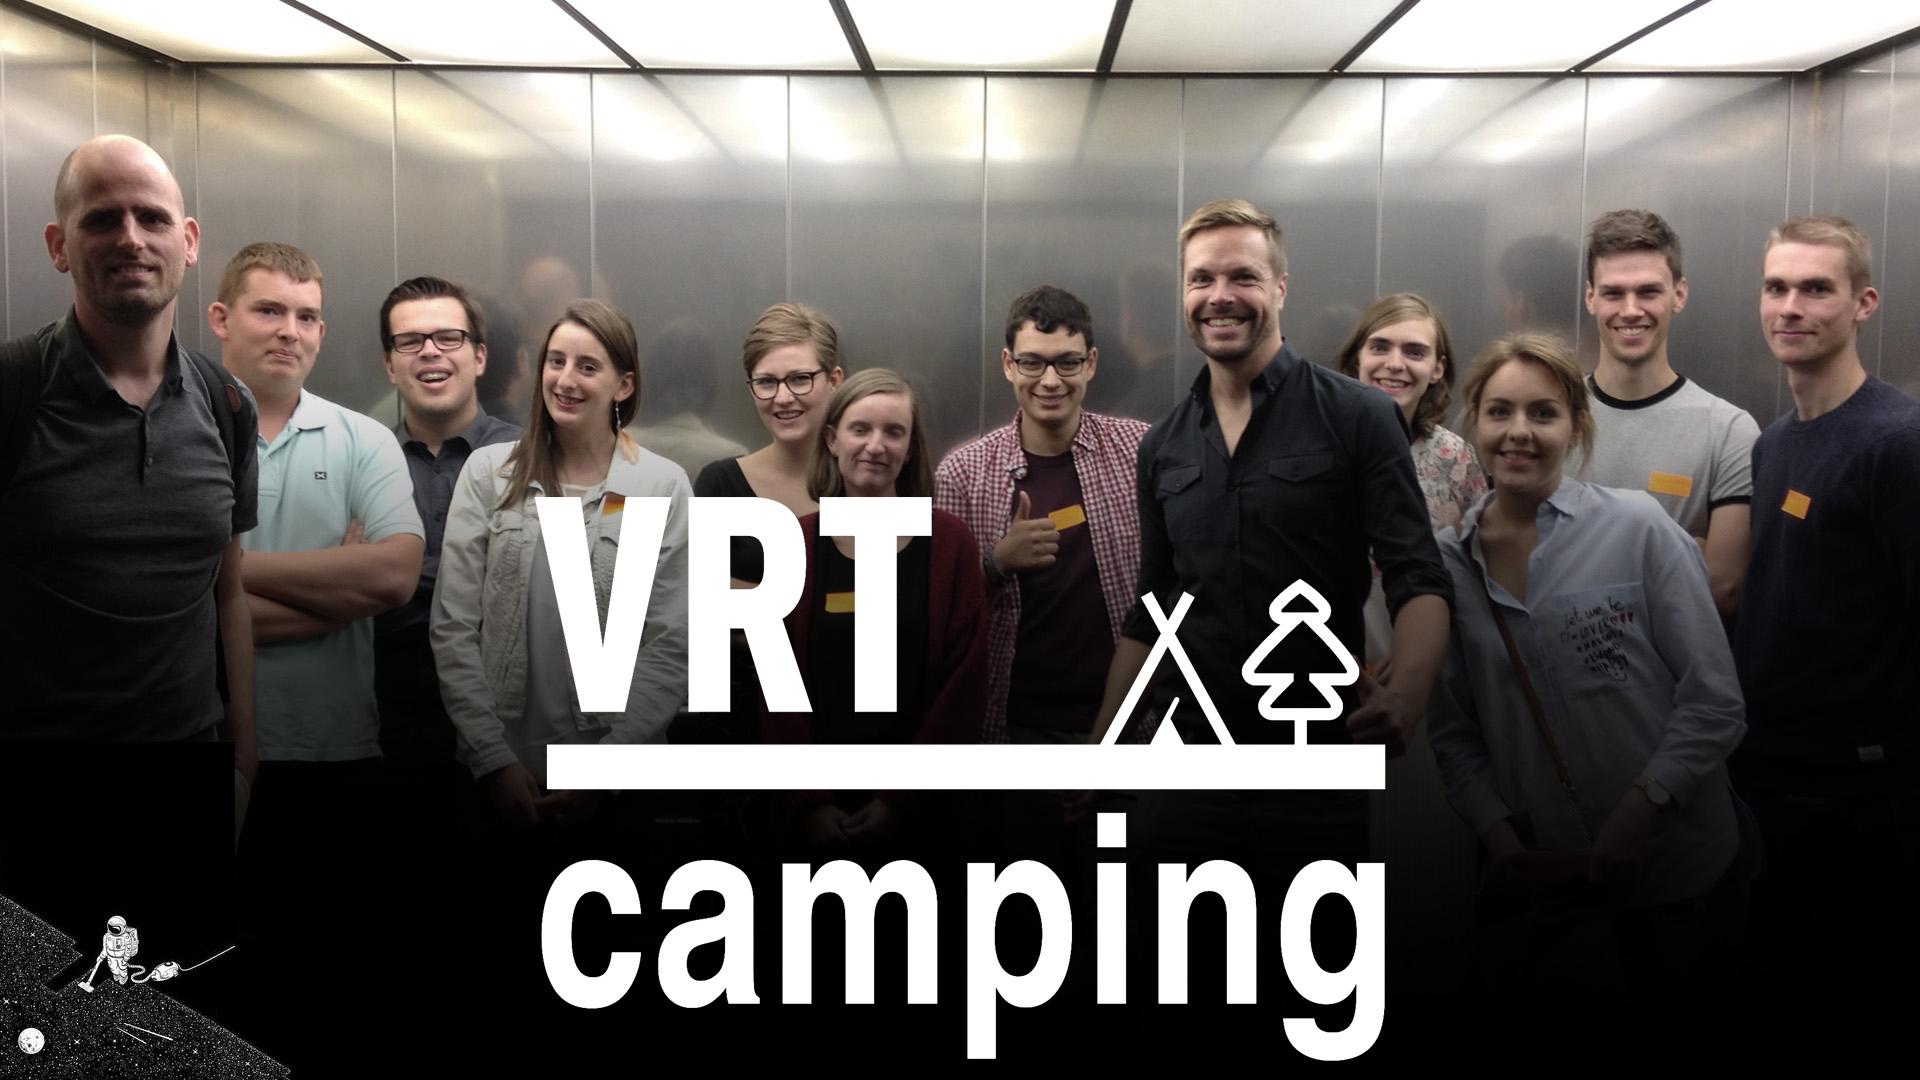 vrtcamping02.jpg